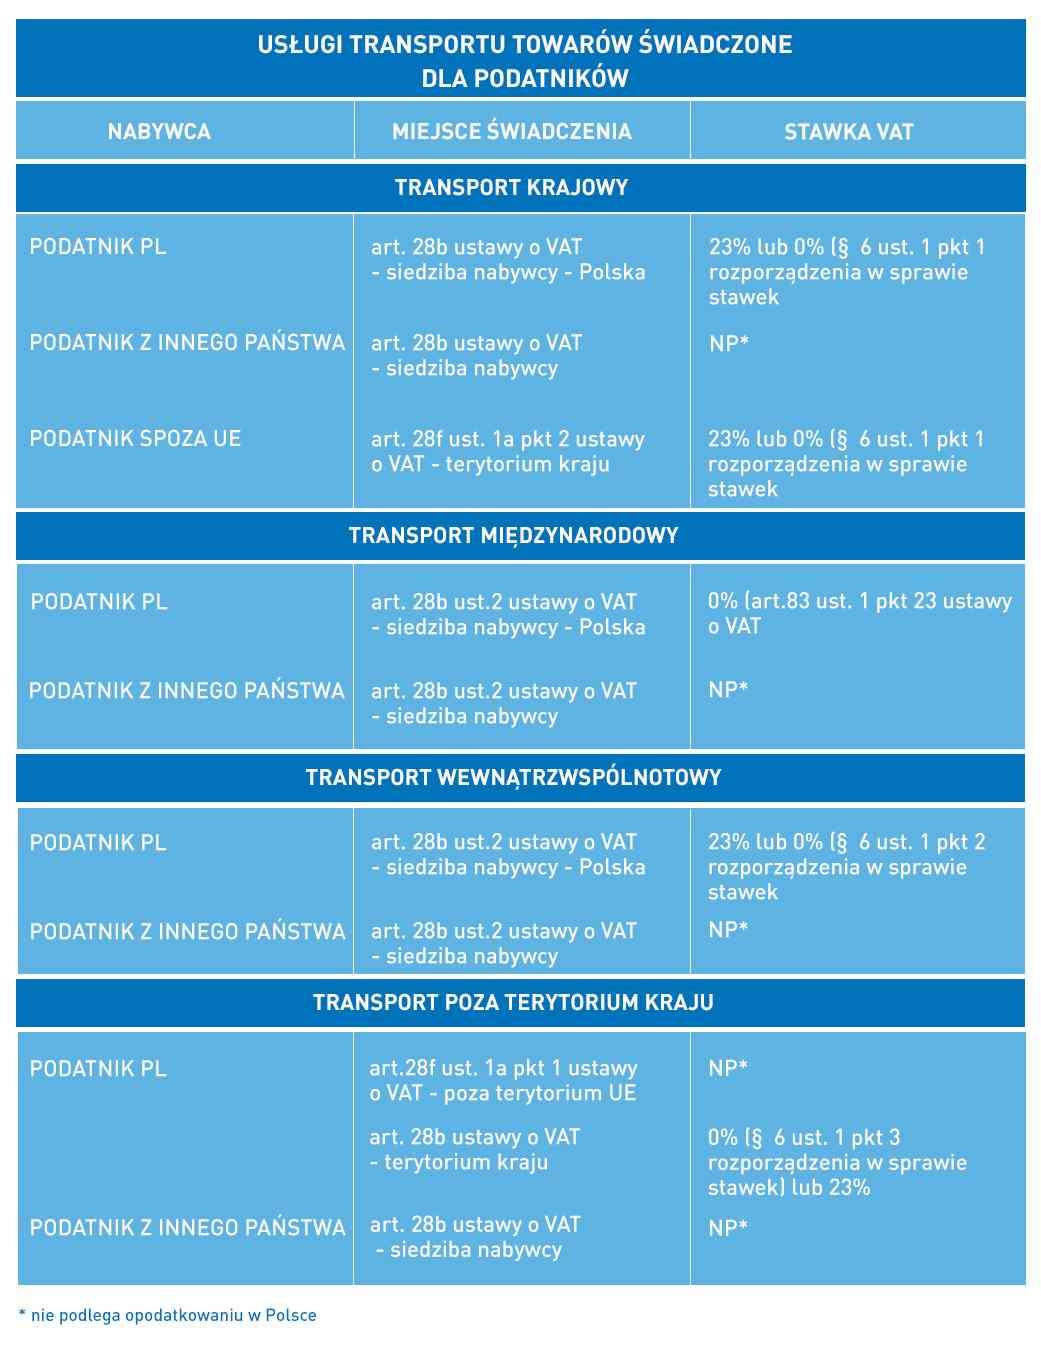 uslugi transportu towarów świadczone dla podatników